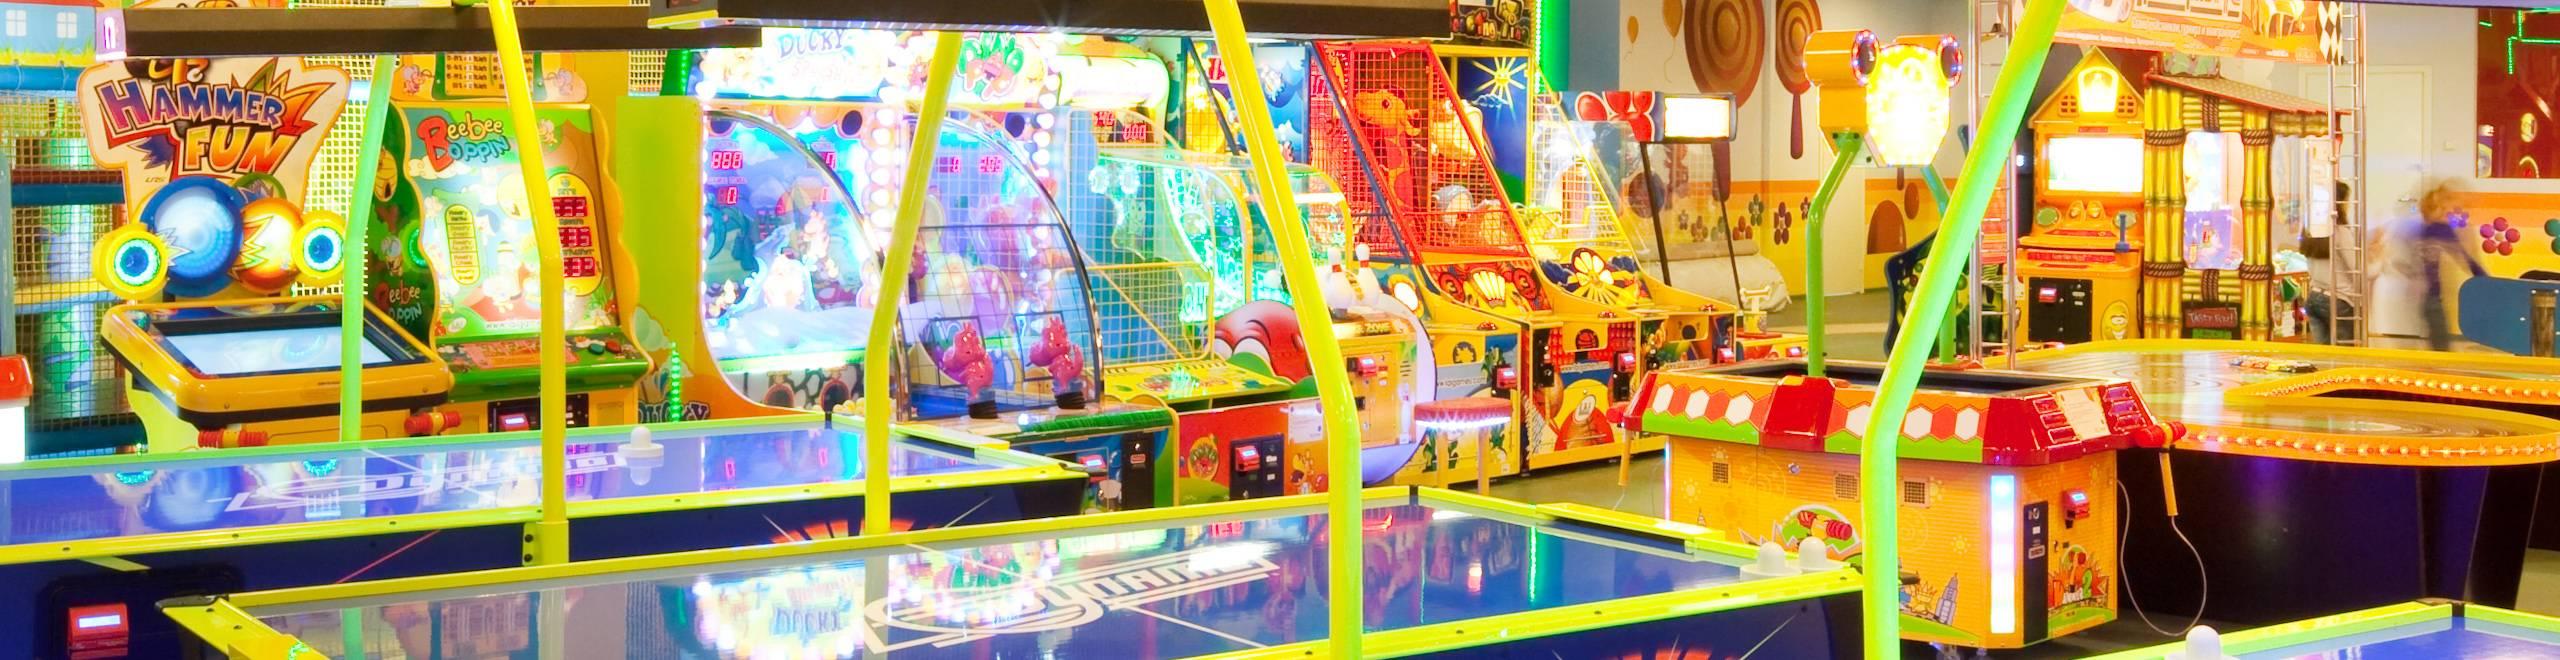 Детские игровые аппараты в ашане сенсорные игровые автоматы играть в халк